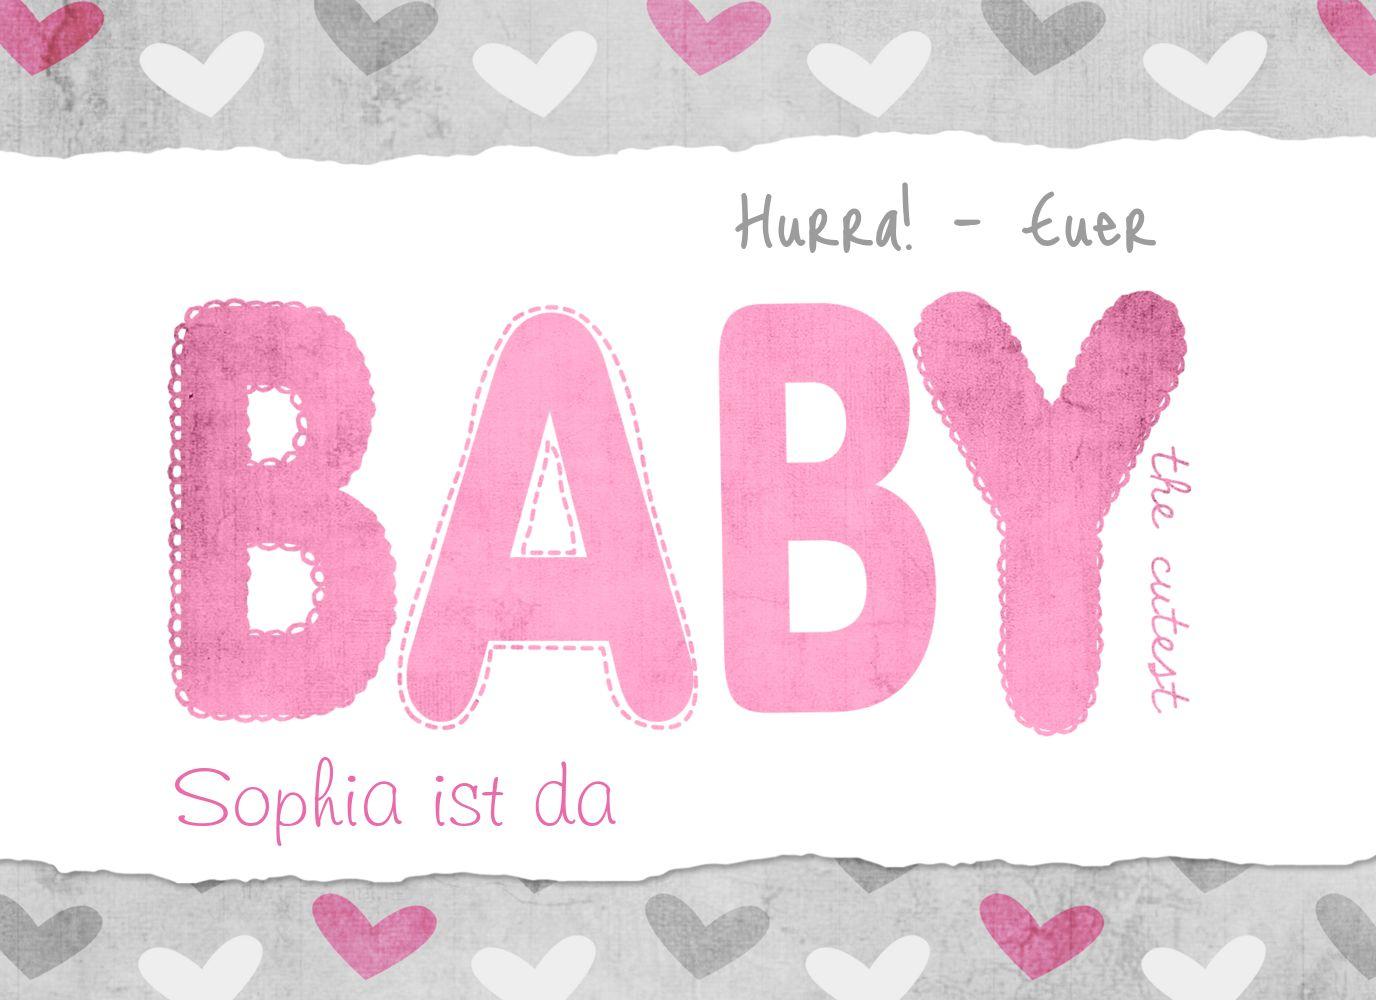 Ansicht 3 - Glückwunschkarte zur Geburt Cute Baby